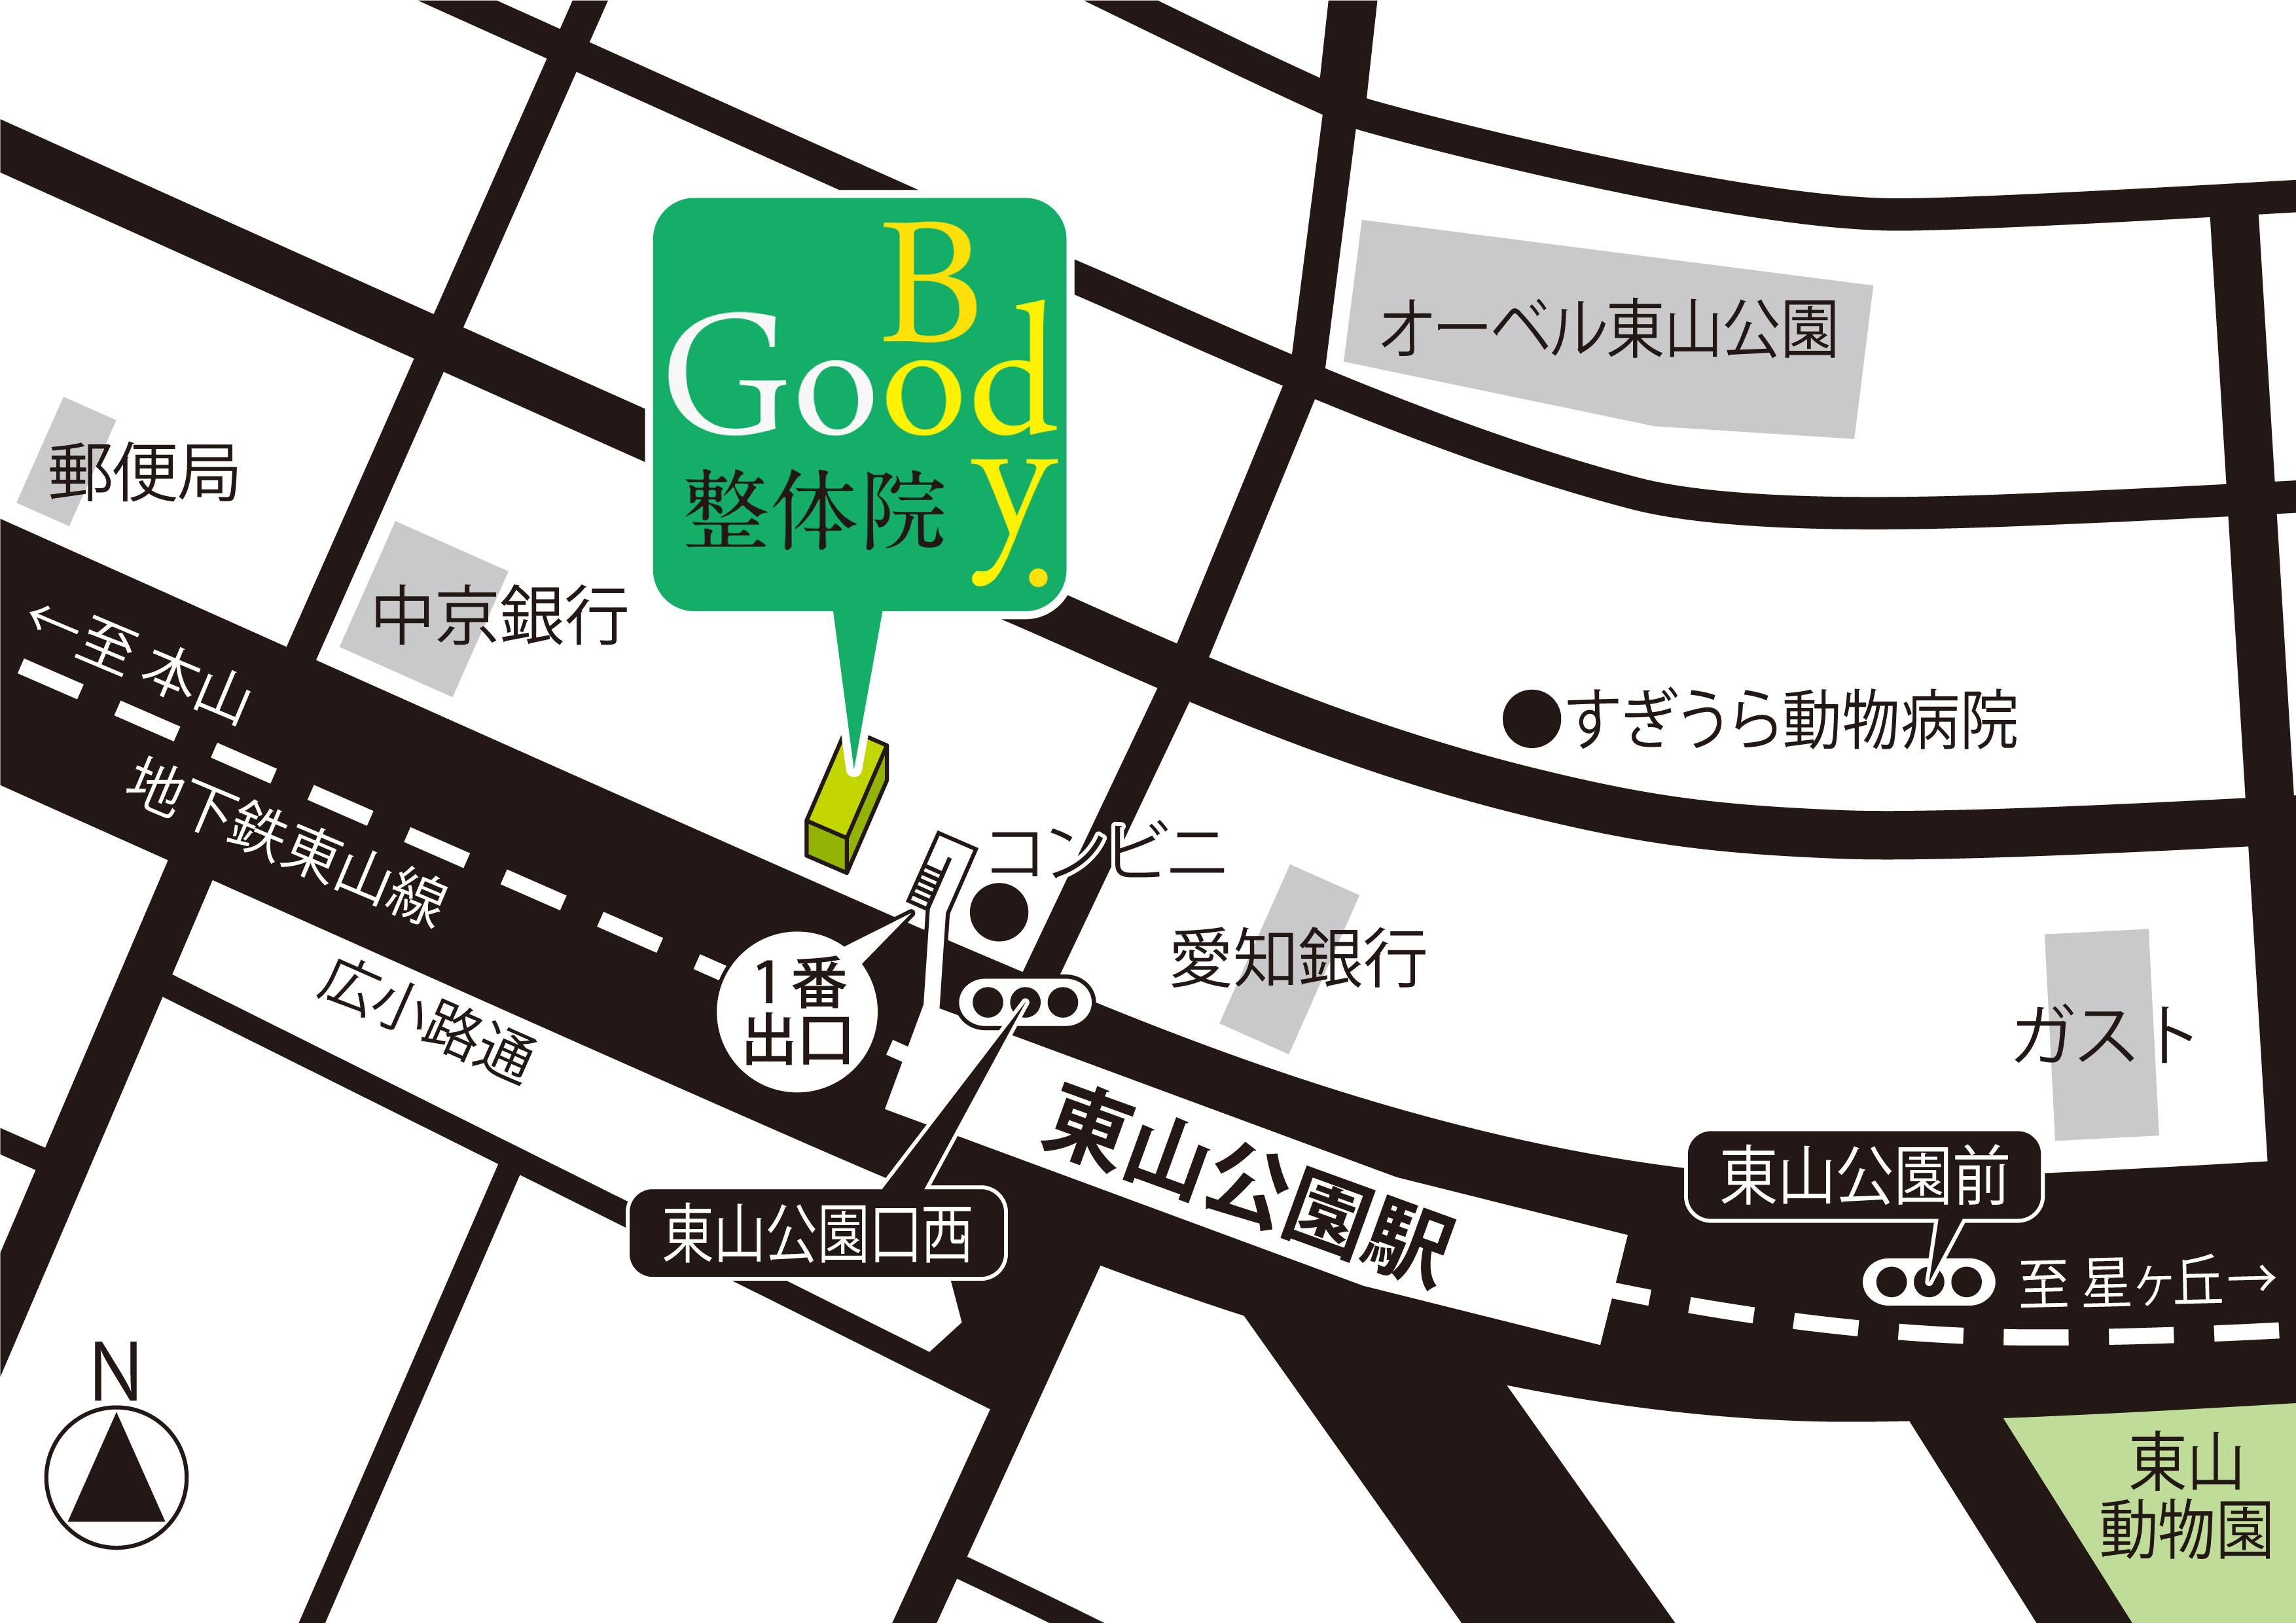 繝ュ繧ウ繧吶≠繧・A4_map_rogo_RGB